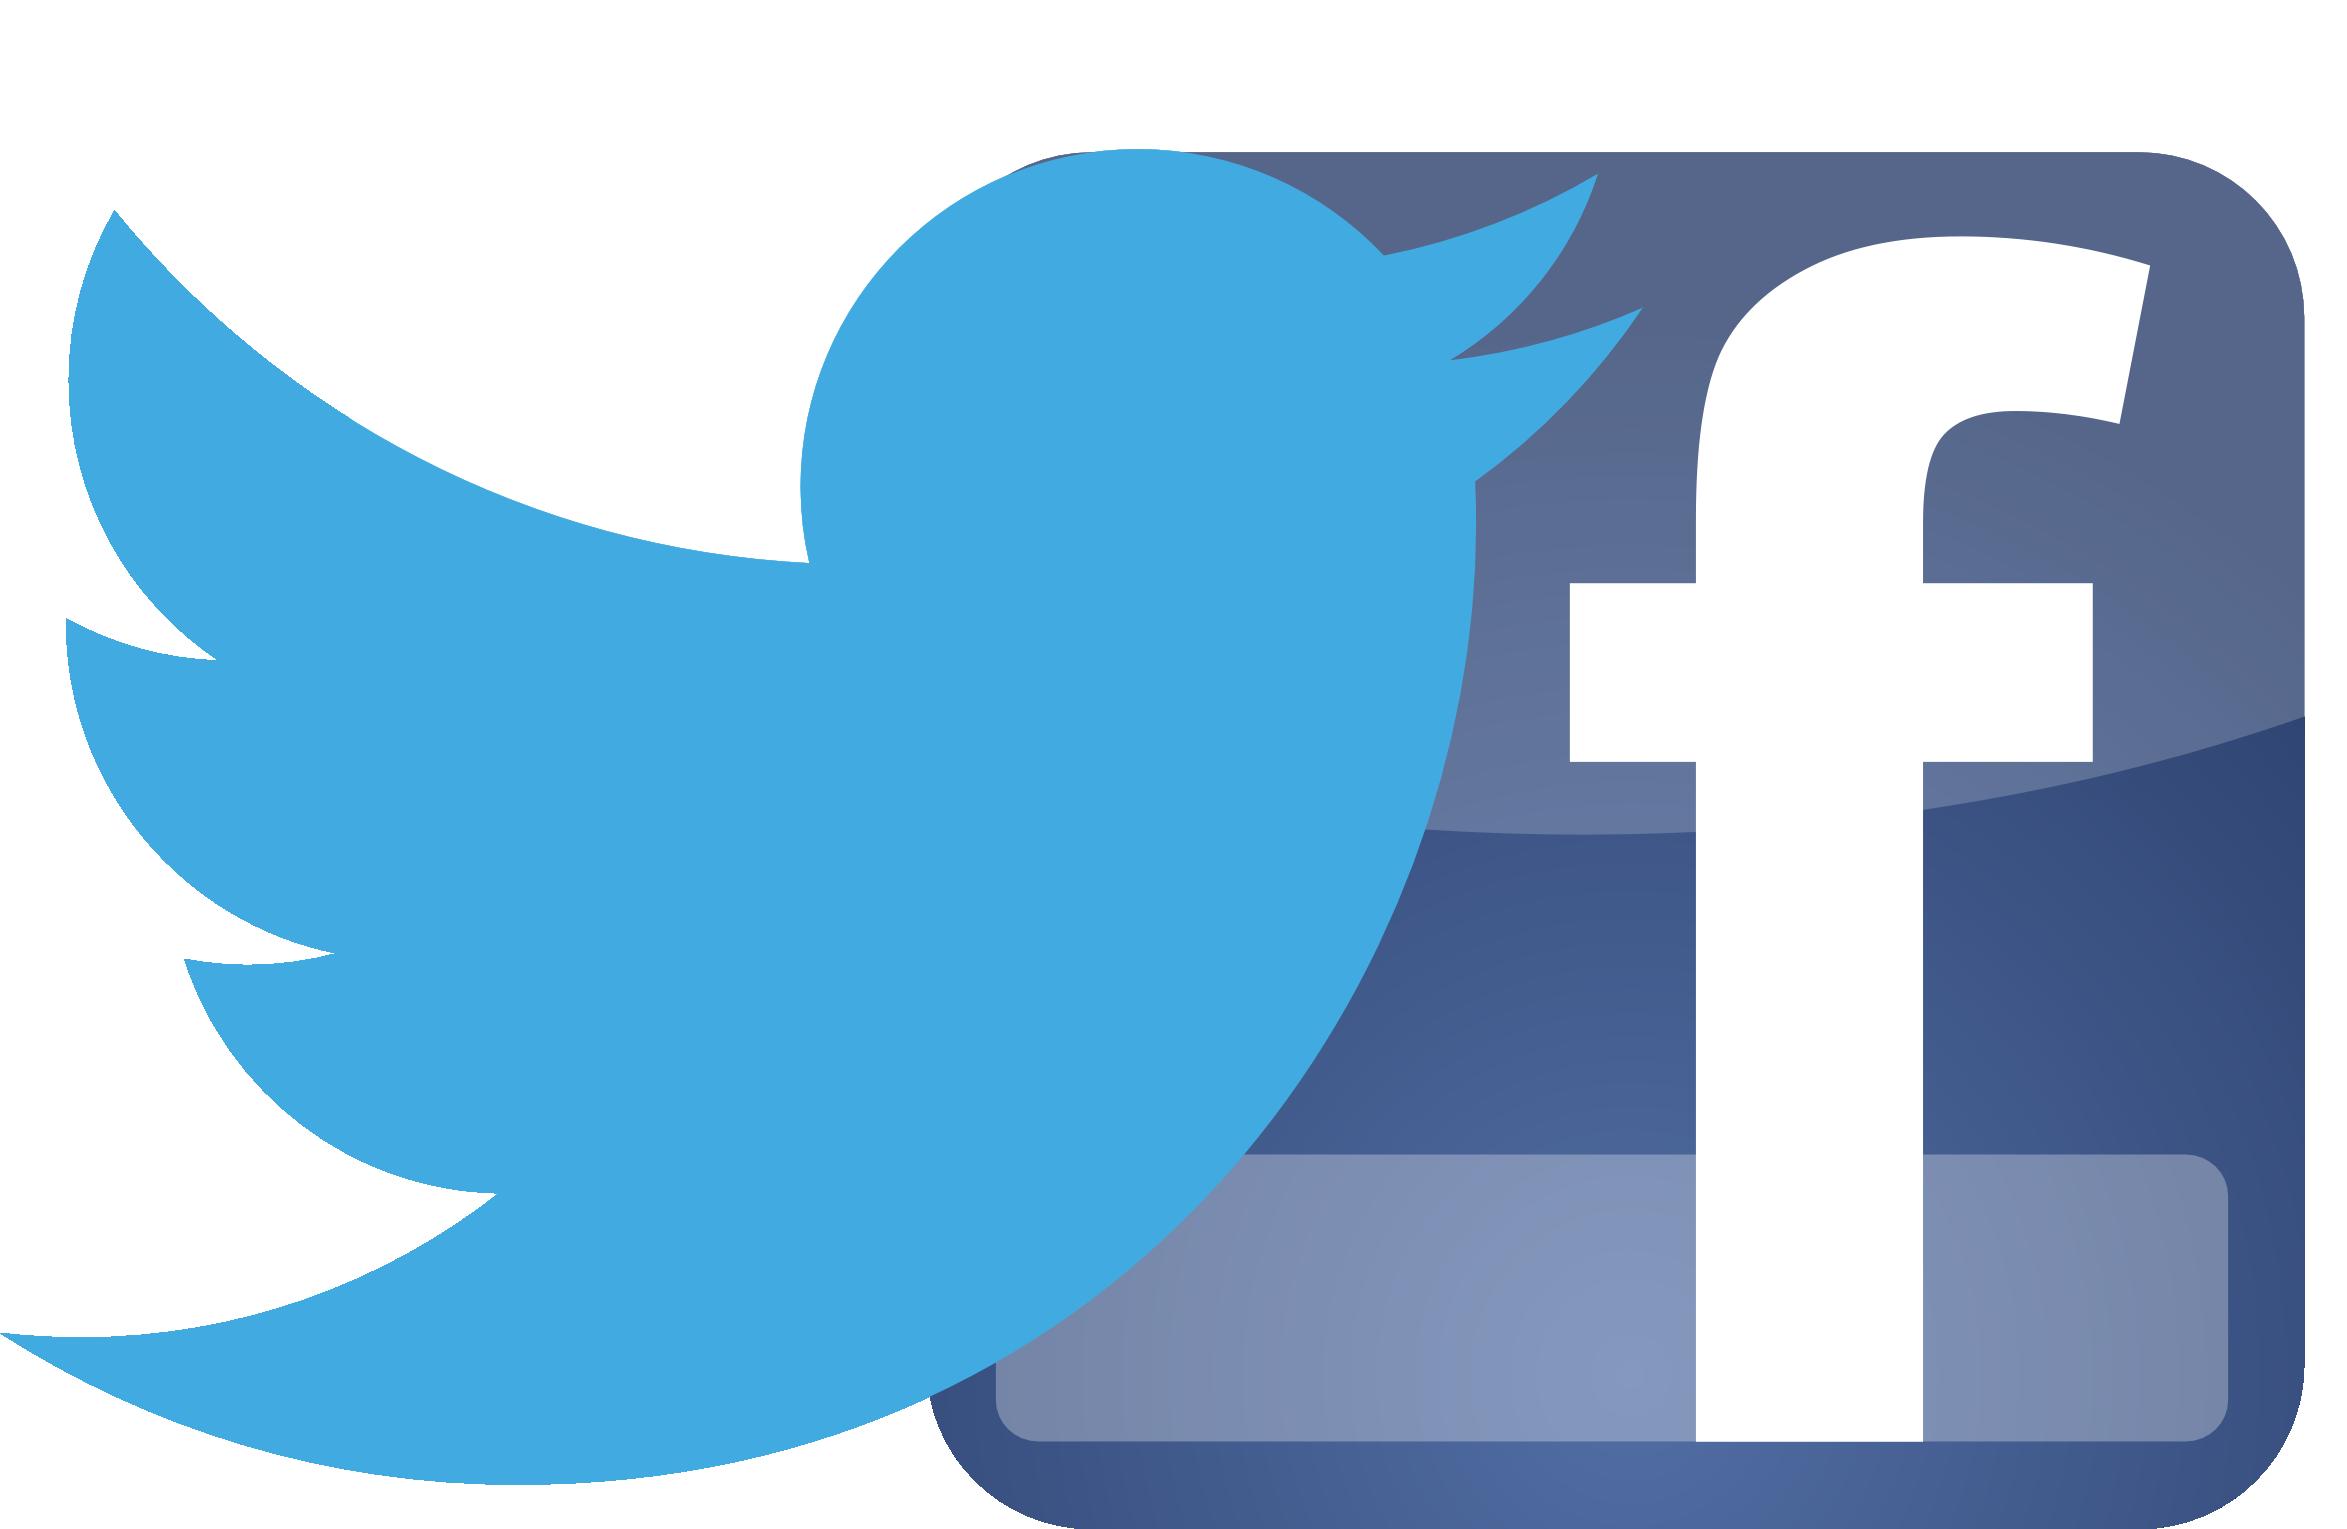 РКН готов заблокировать Facebook или Twitter, а Медведев рекомендует «включать мозги»